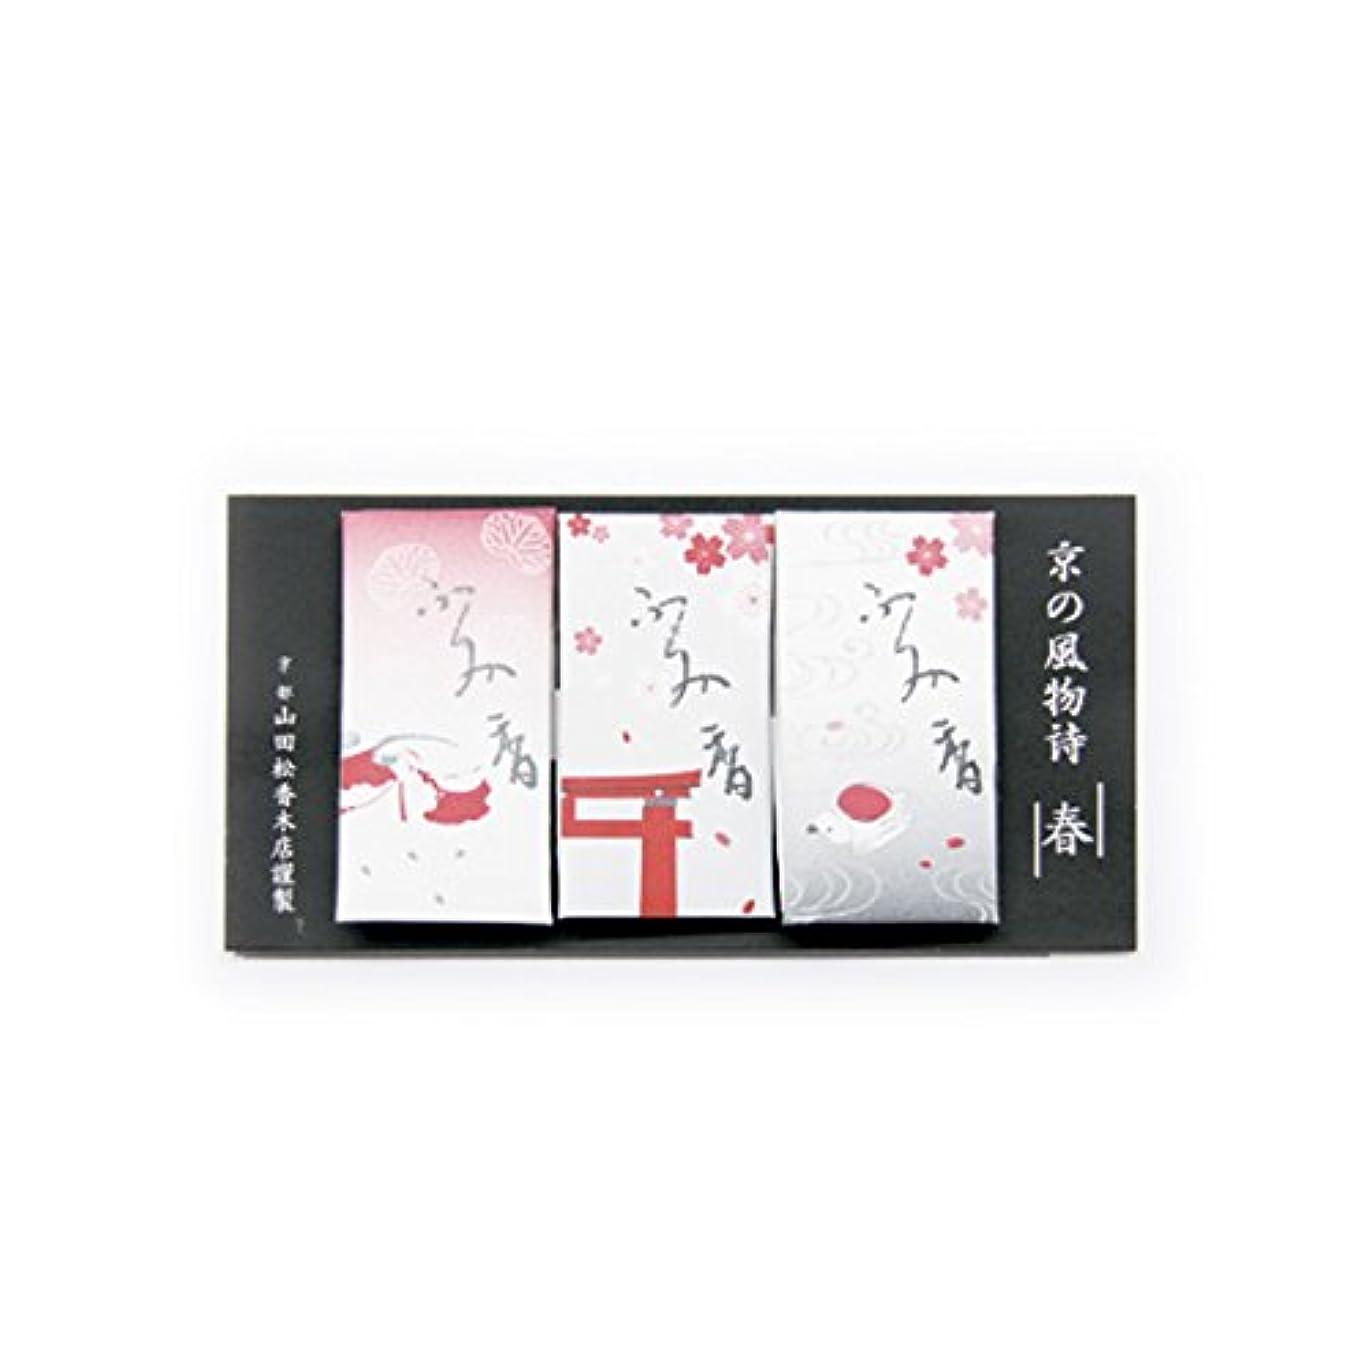 楽観的日常的に割り当てる文香 京の風物詩 春